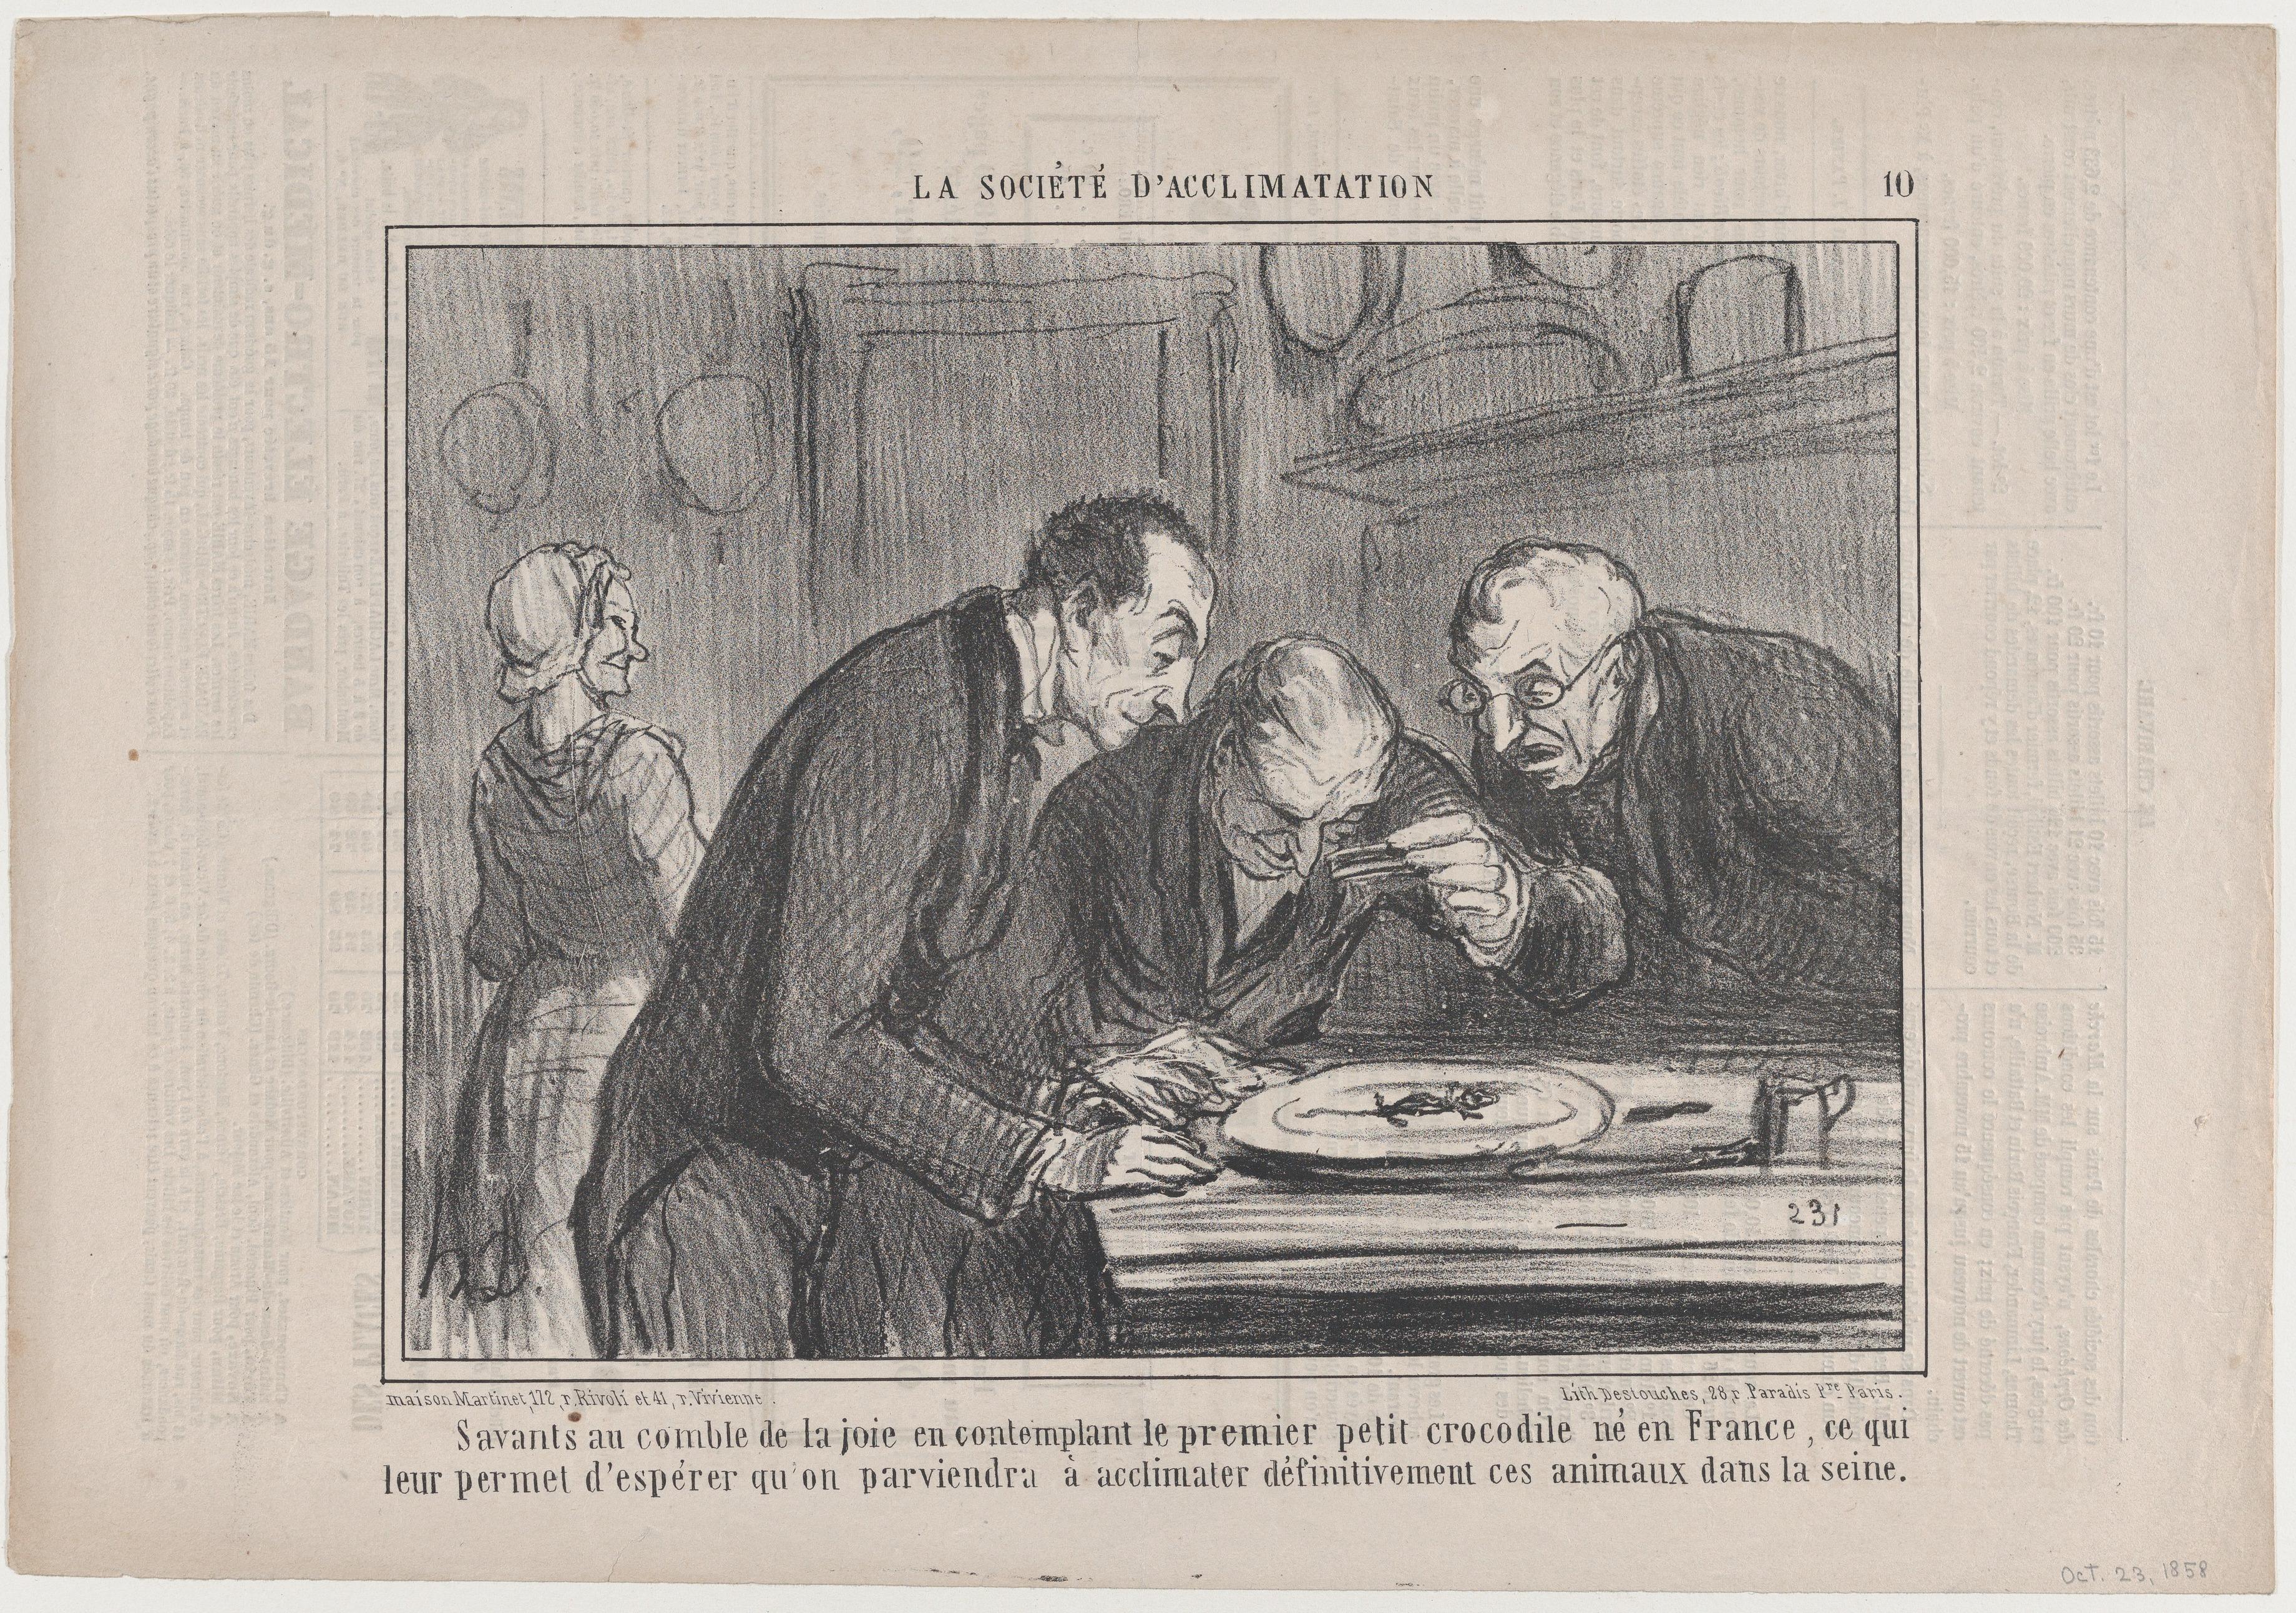 File:Savants Au Comble De La Joie En Contemplant Le Premier Petit Crocodile  Né E France..., From La Société Du0027Acclimatations, Published In Le  Charivari, ...